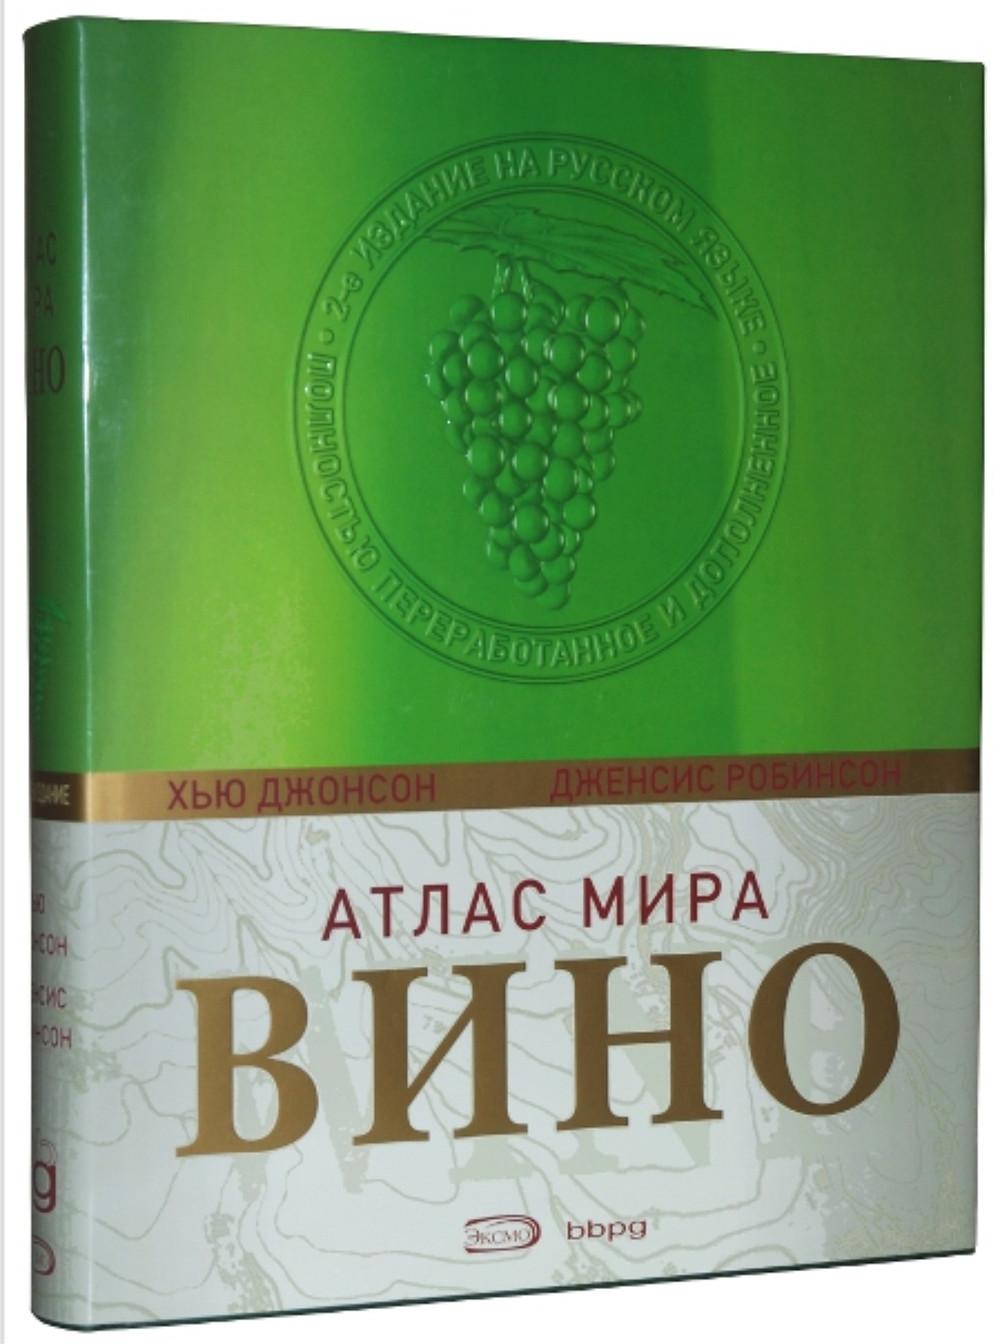 Вино. Атлас мира